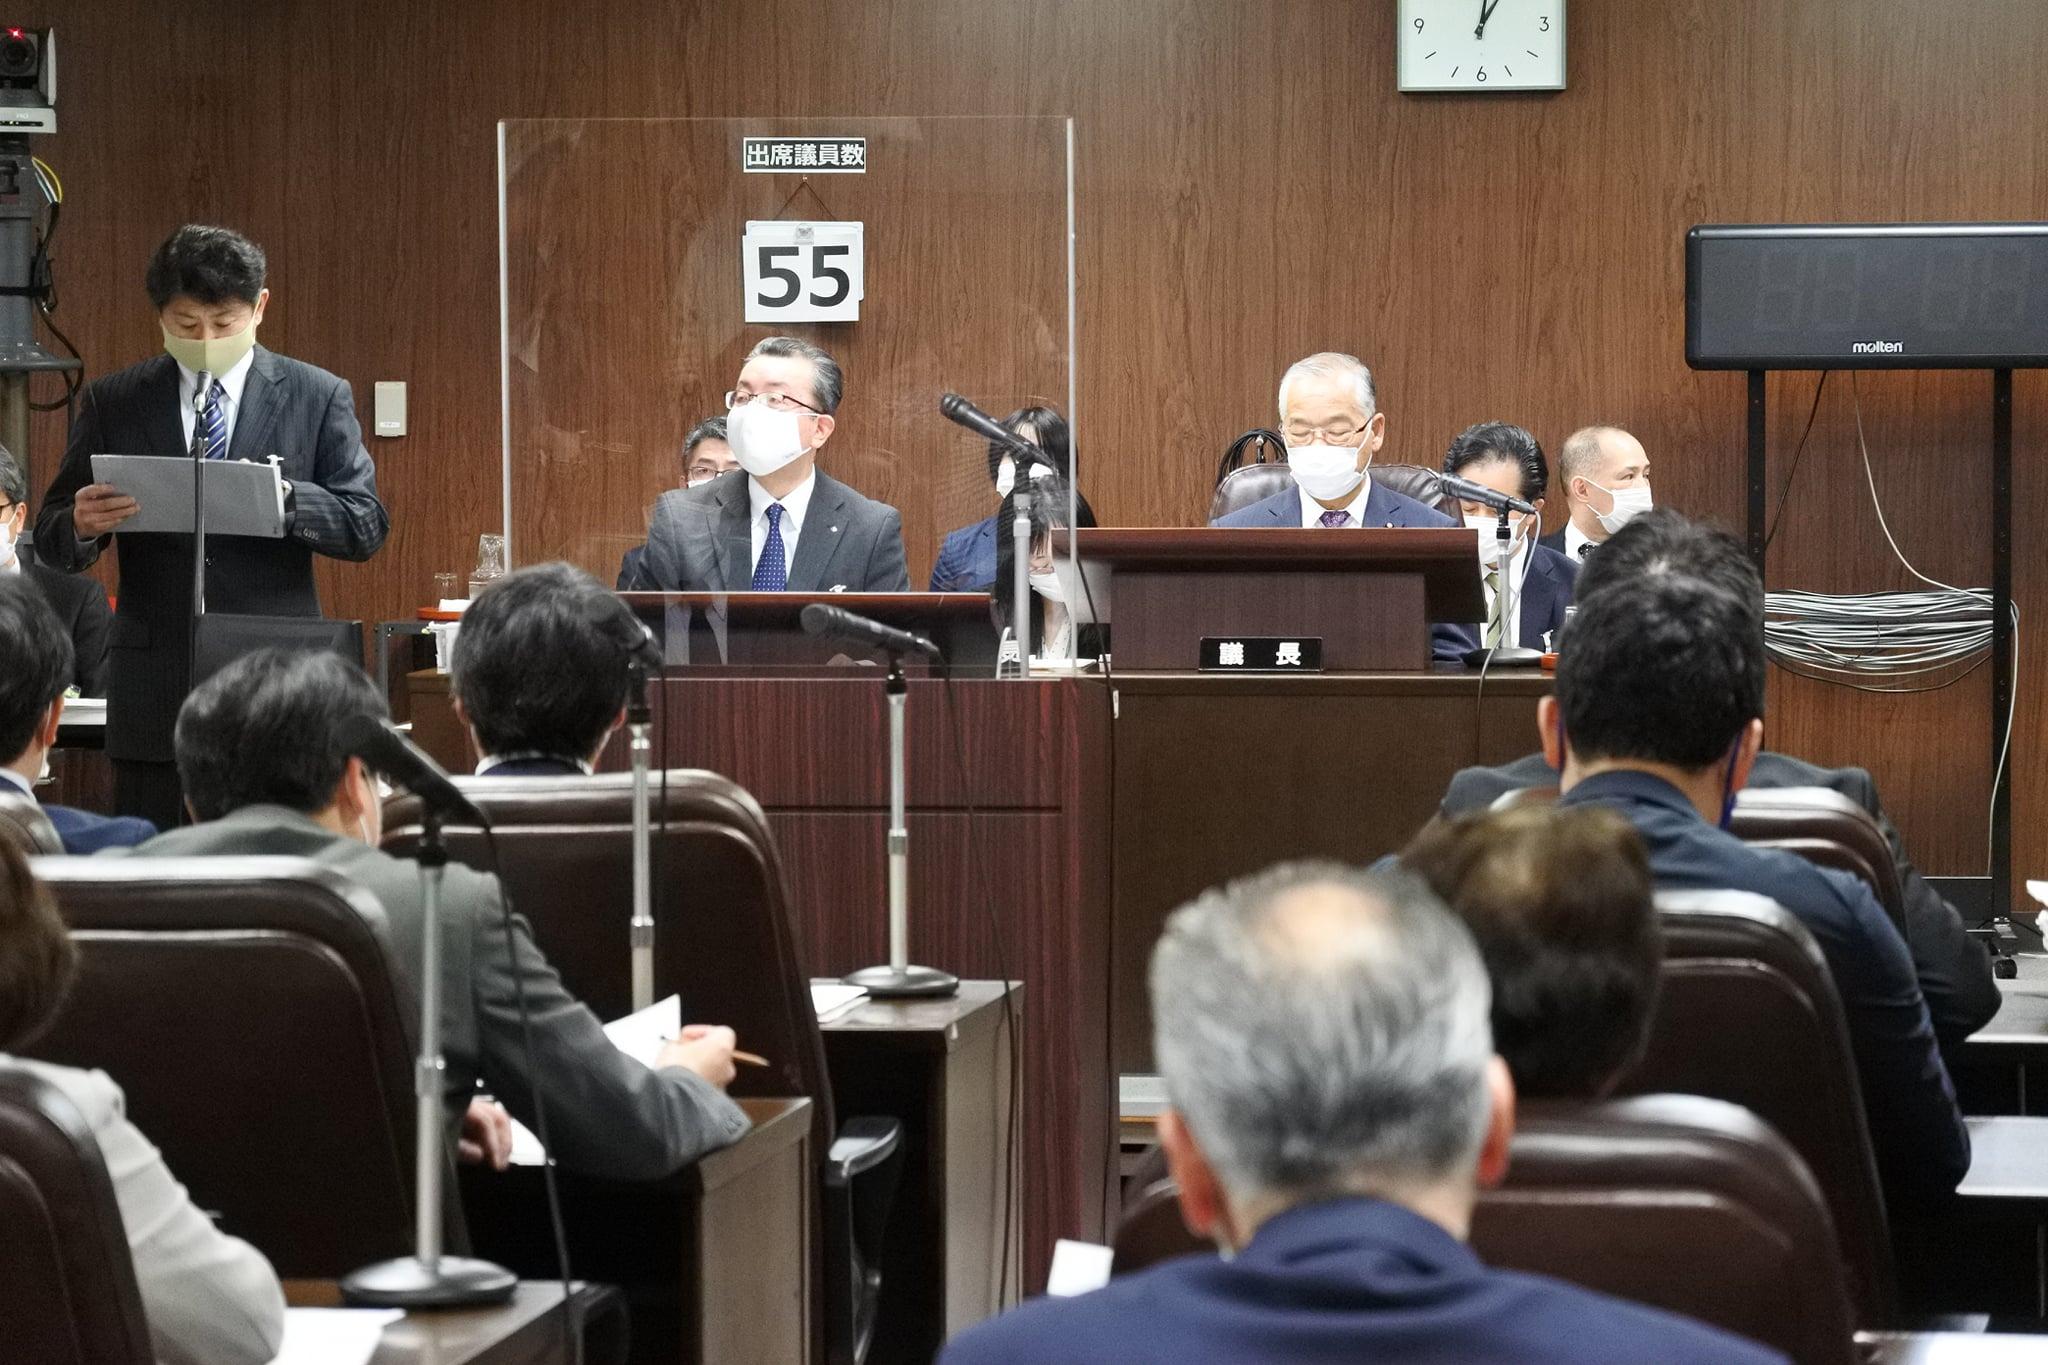 令和3年2月15日、仙台市議会第1回定例会が再開し、代表質問が始まりました。